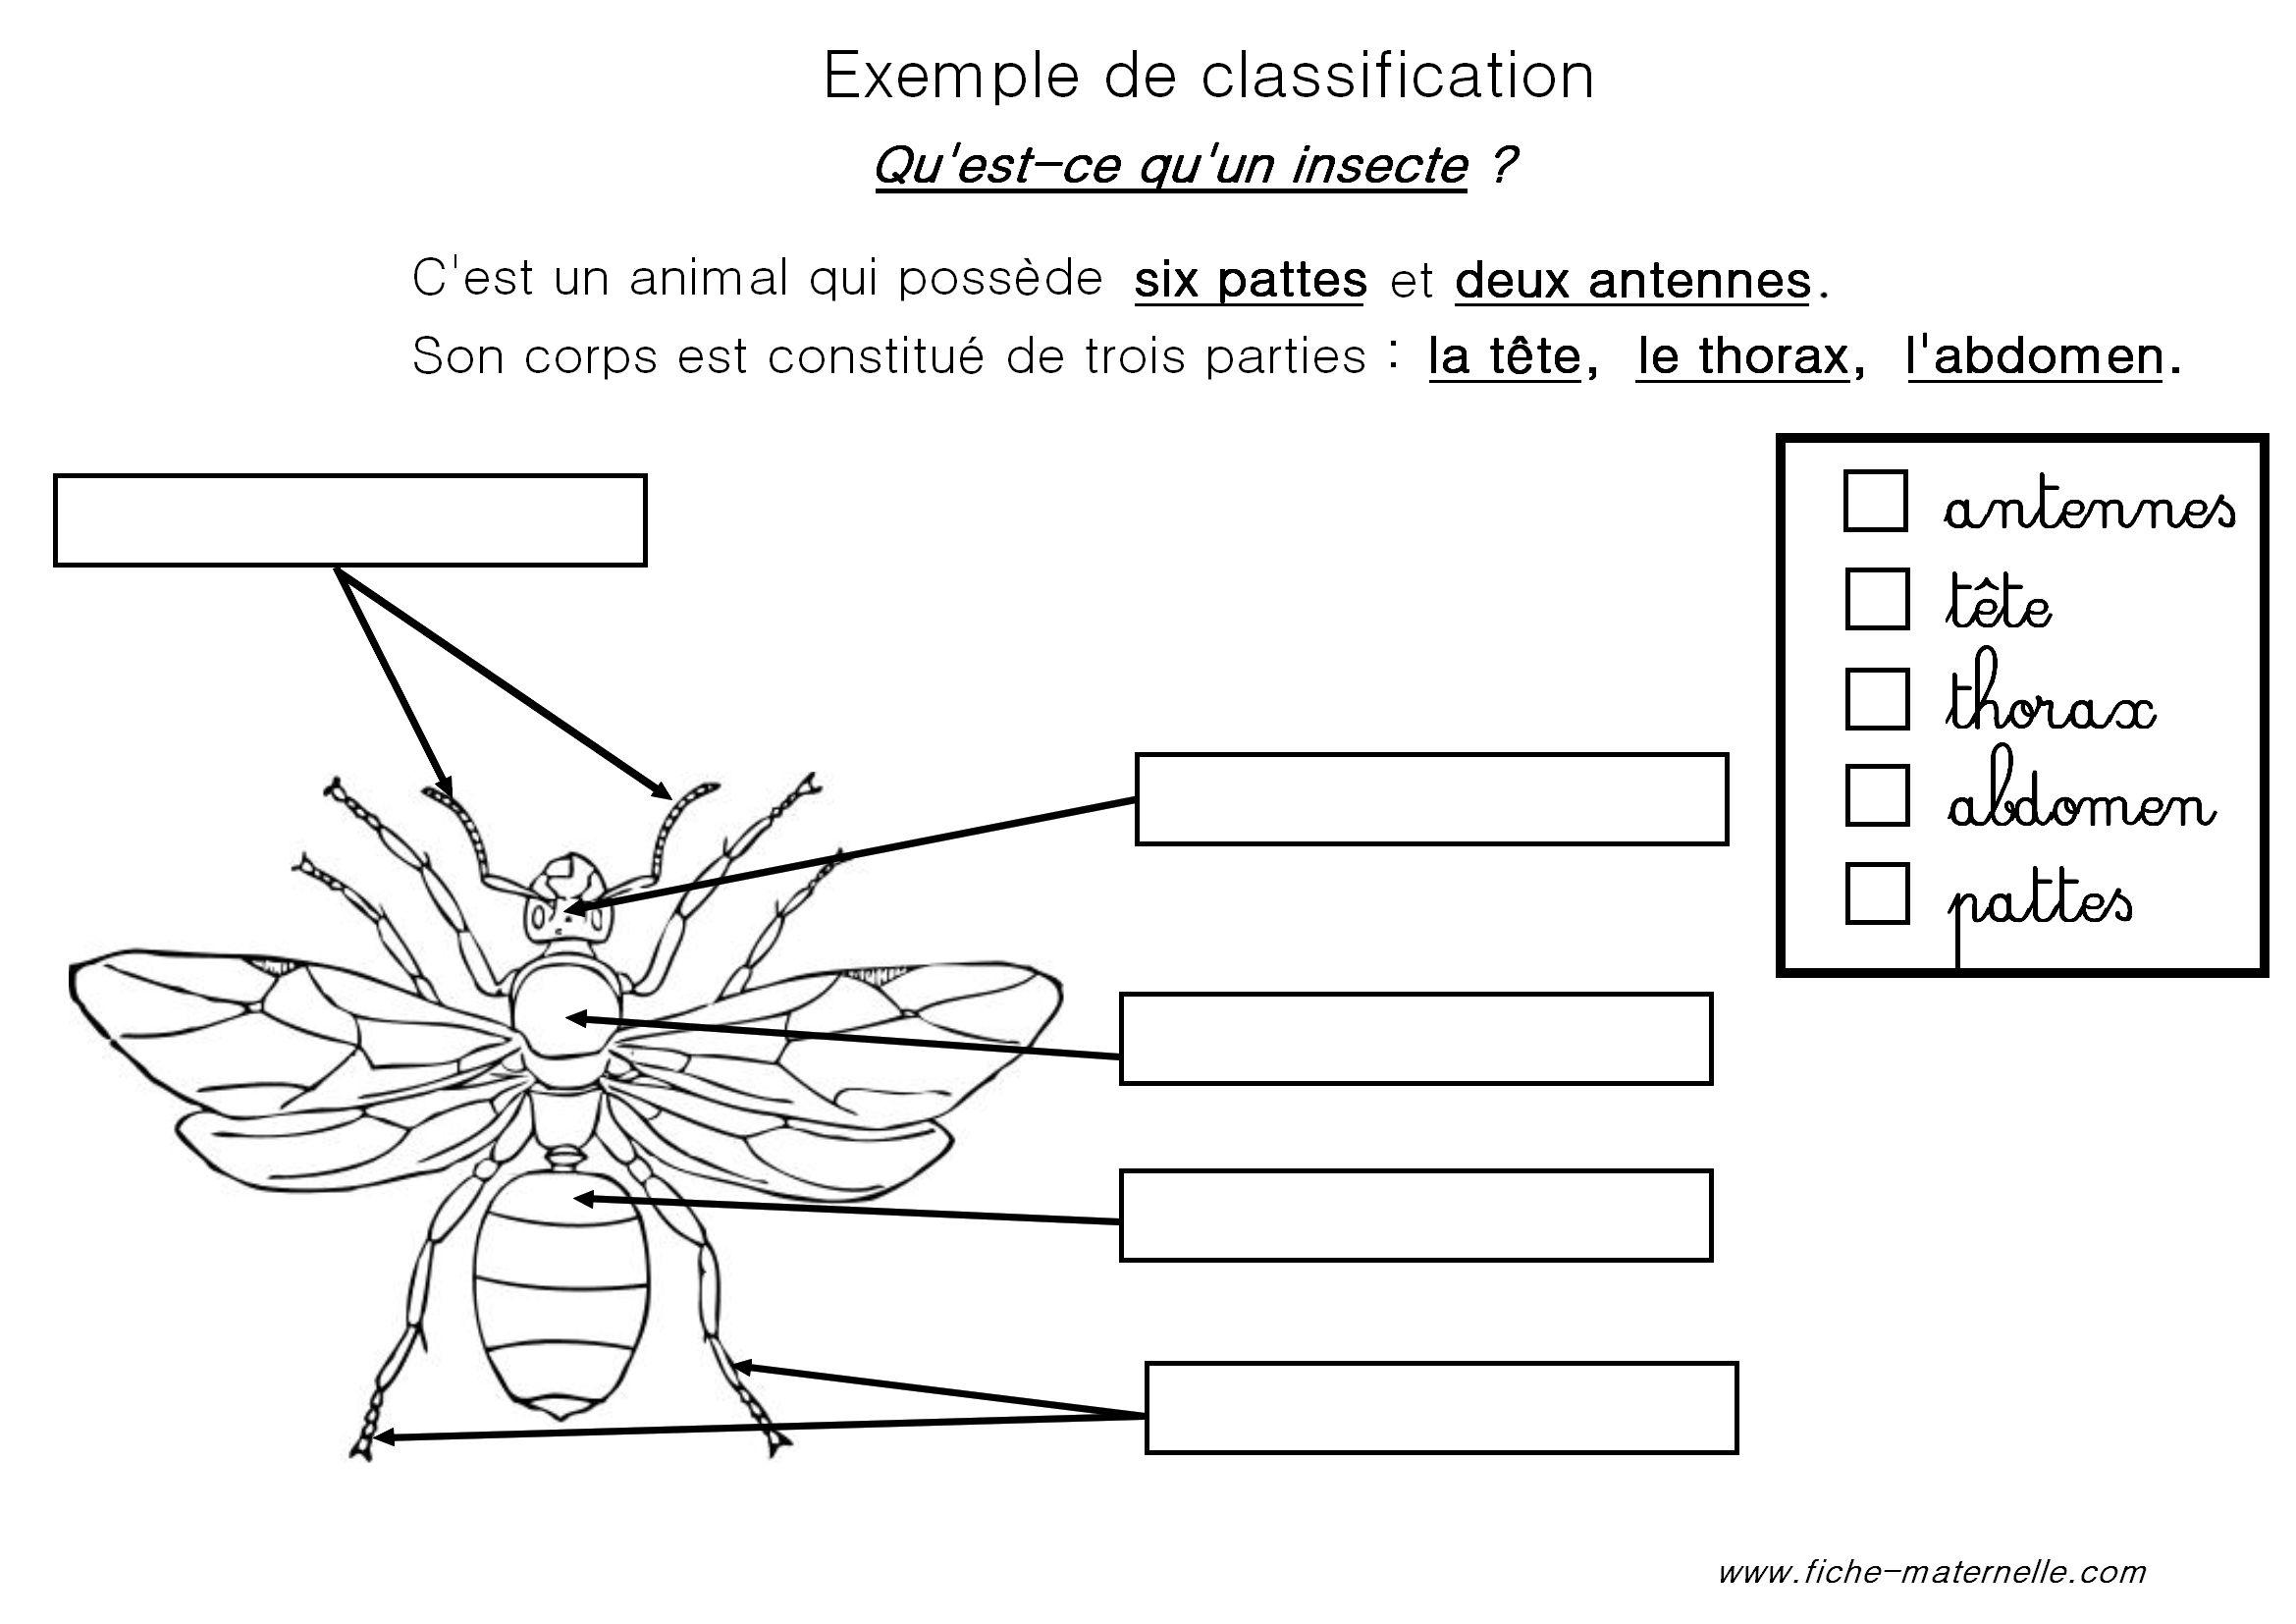 Classification des animaux en maternelle et cp french - Reconnaitre les insectes xylophages ...